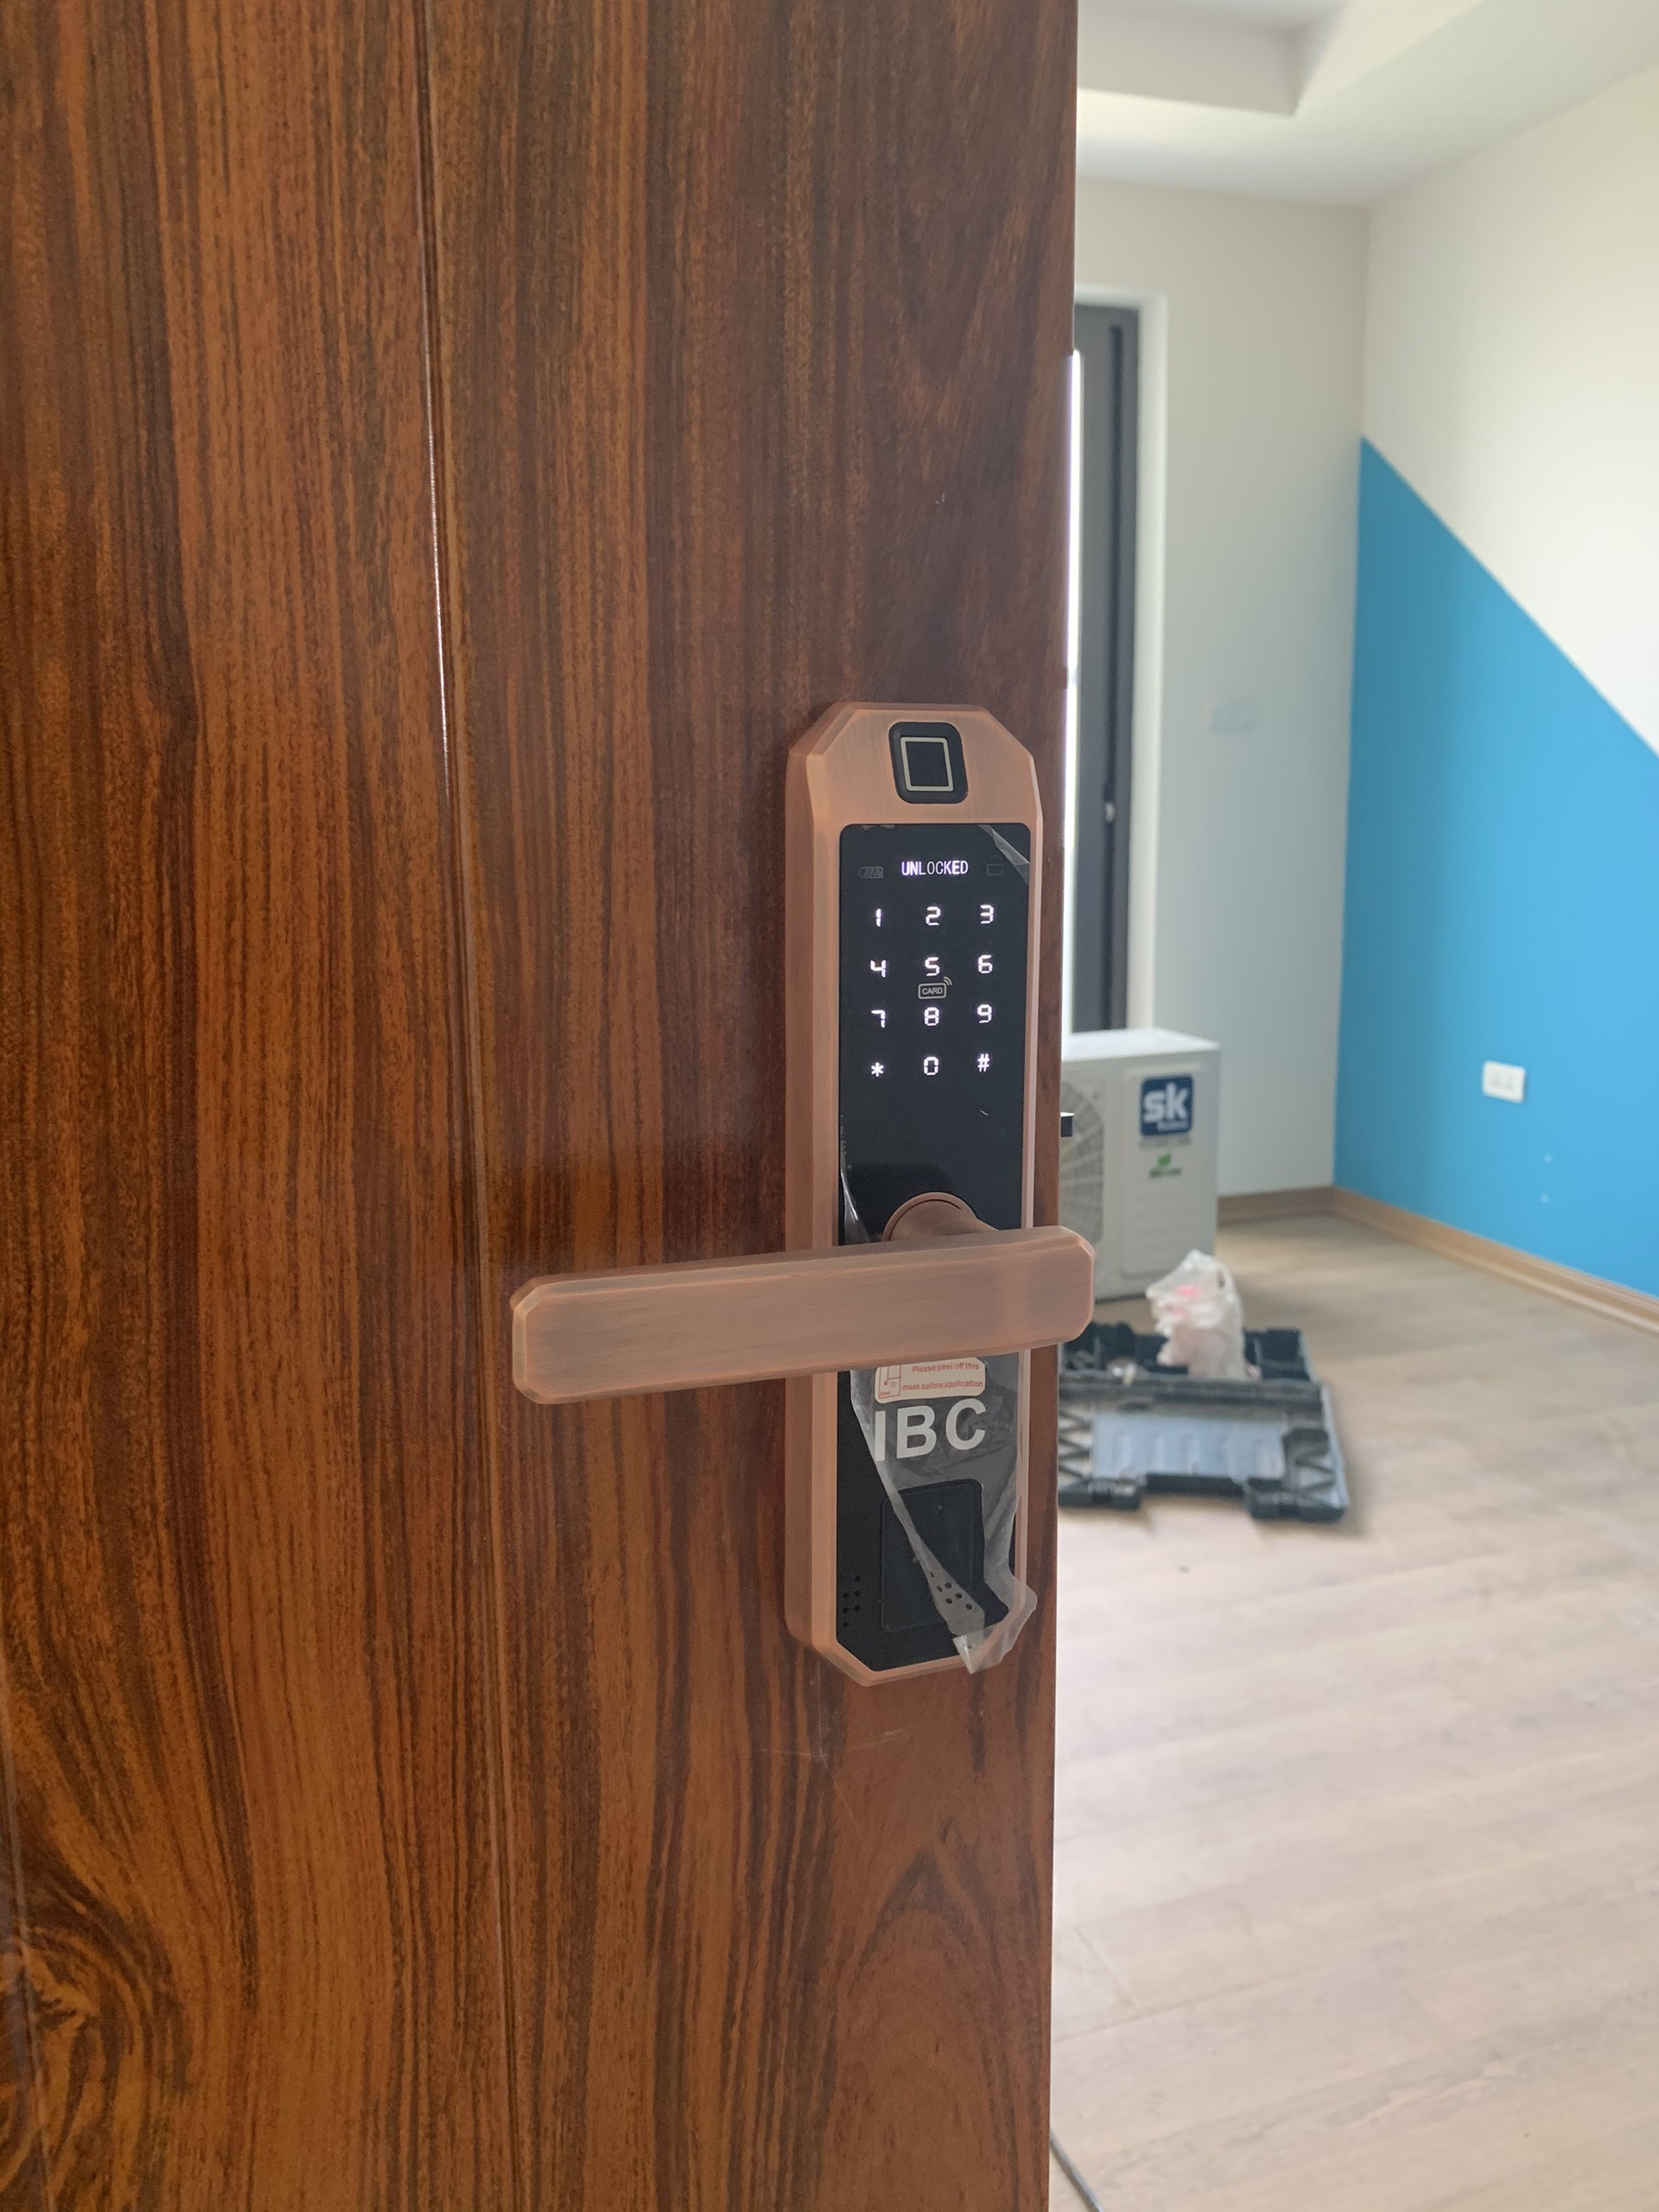 Lắp khóa cửa gỗ chung cư